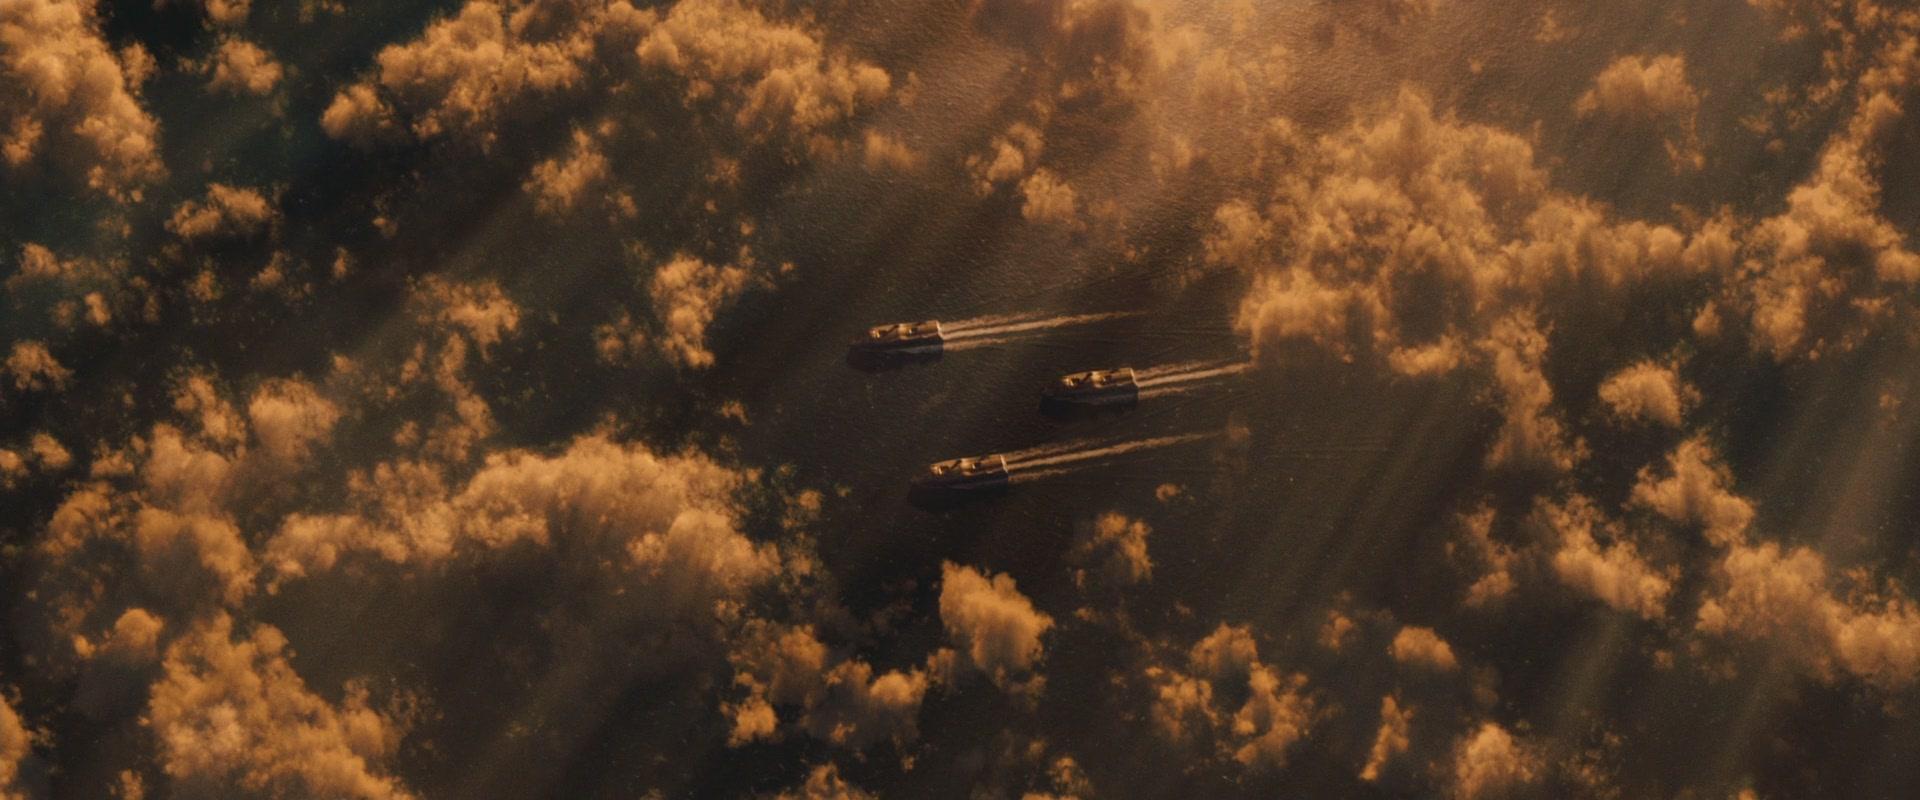 The 2012 Movie Image (28665983)